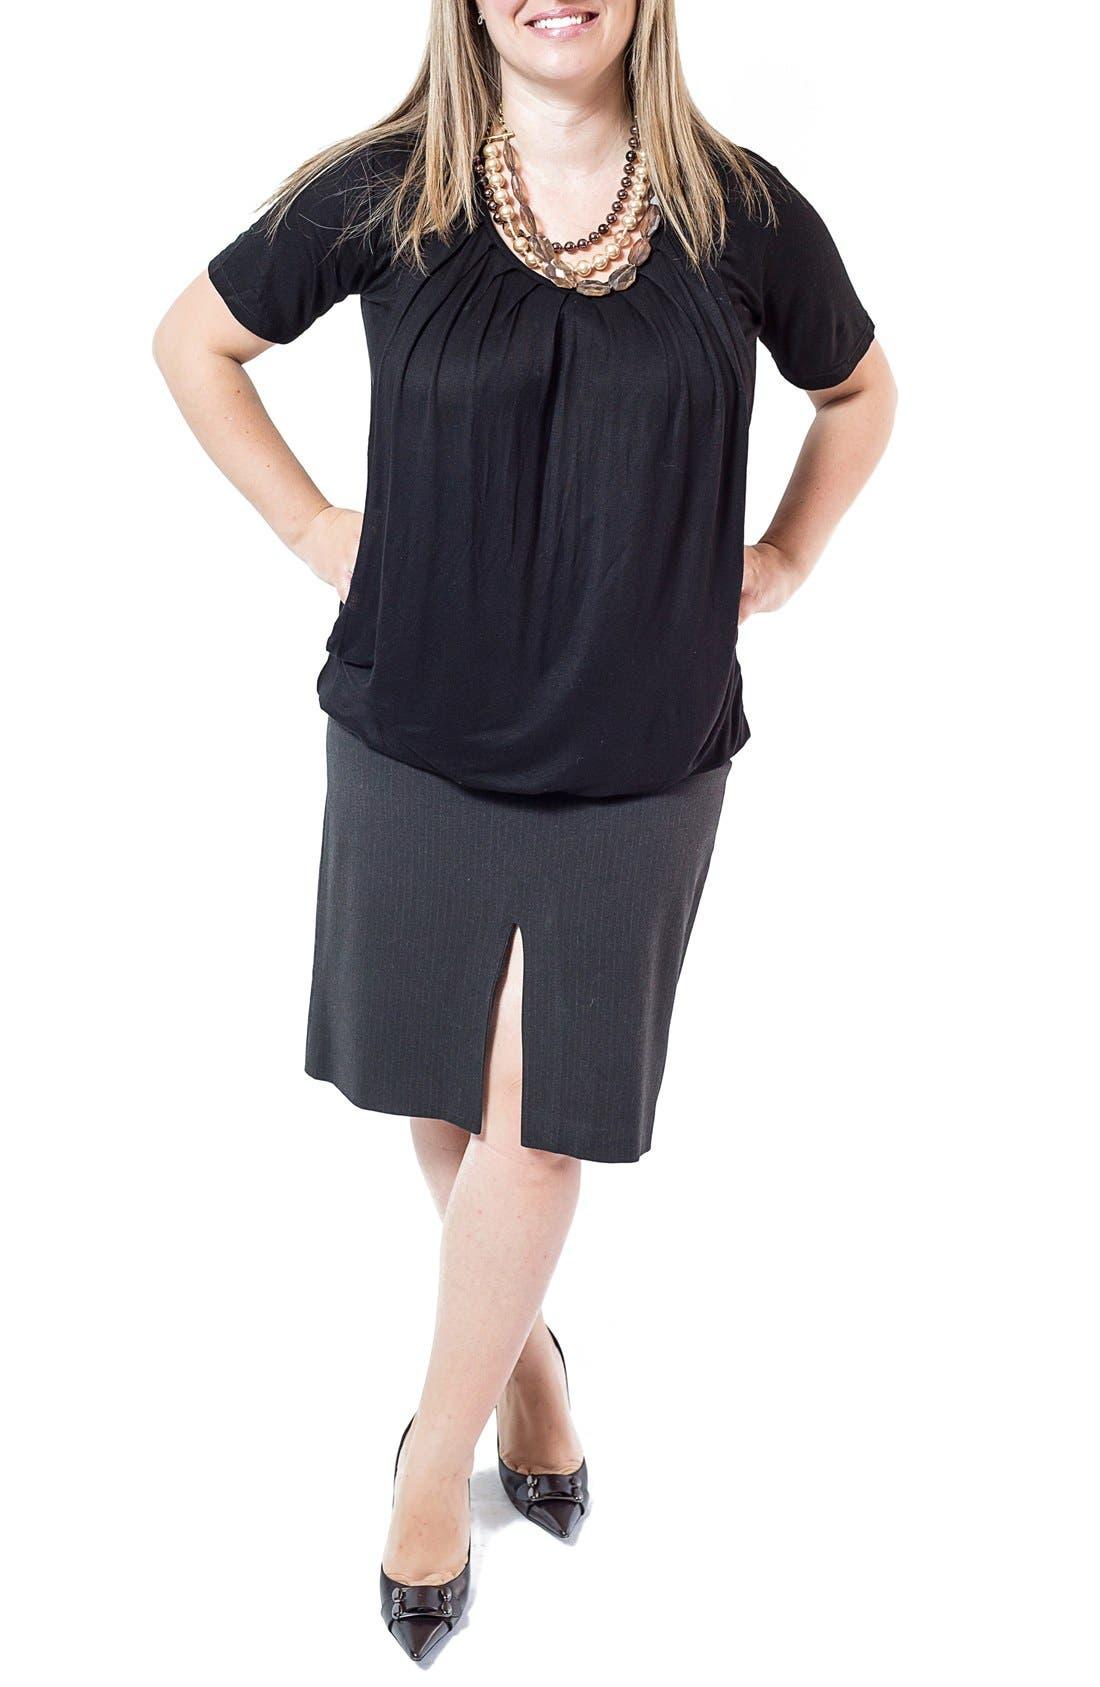 Main Image - Nurture-Elle Pleated Short Sleeve Nursing Top